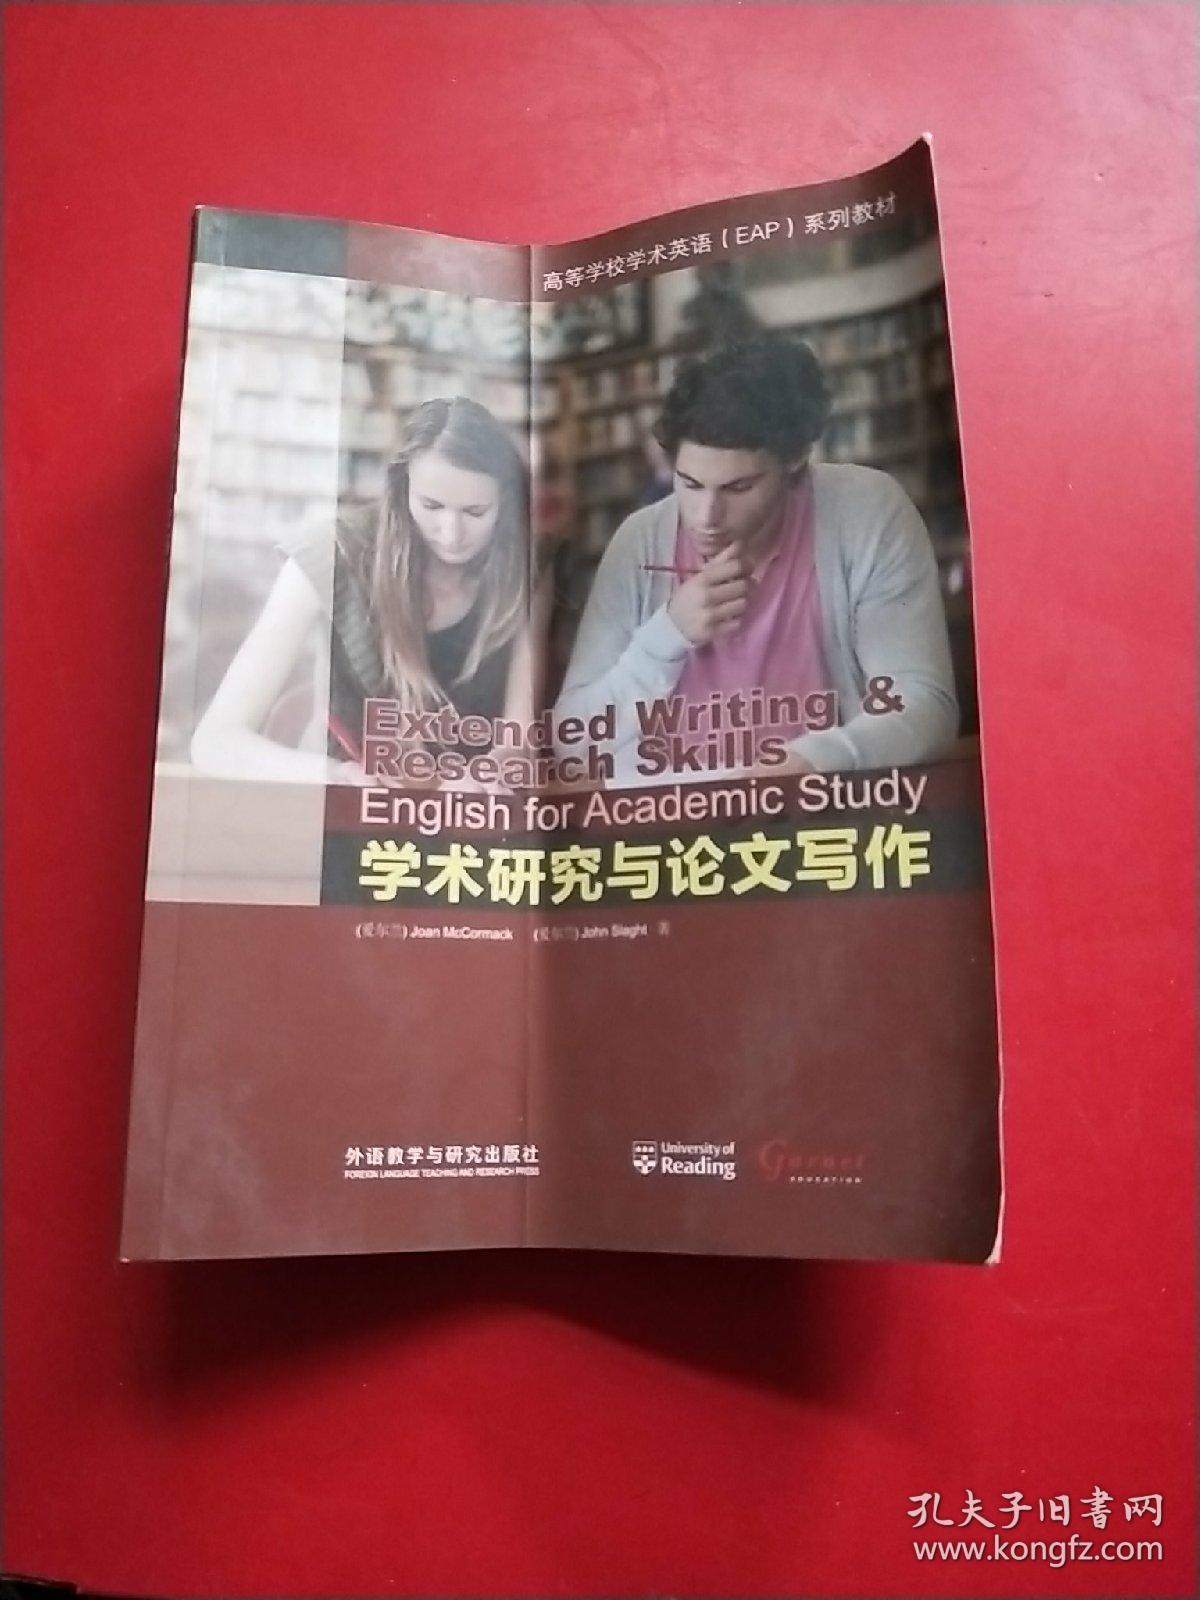 學術研究與論文寫作 高等學校學術英語(EAP)系列教材_愛爾蘭_孔夫子舊書網